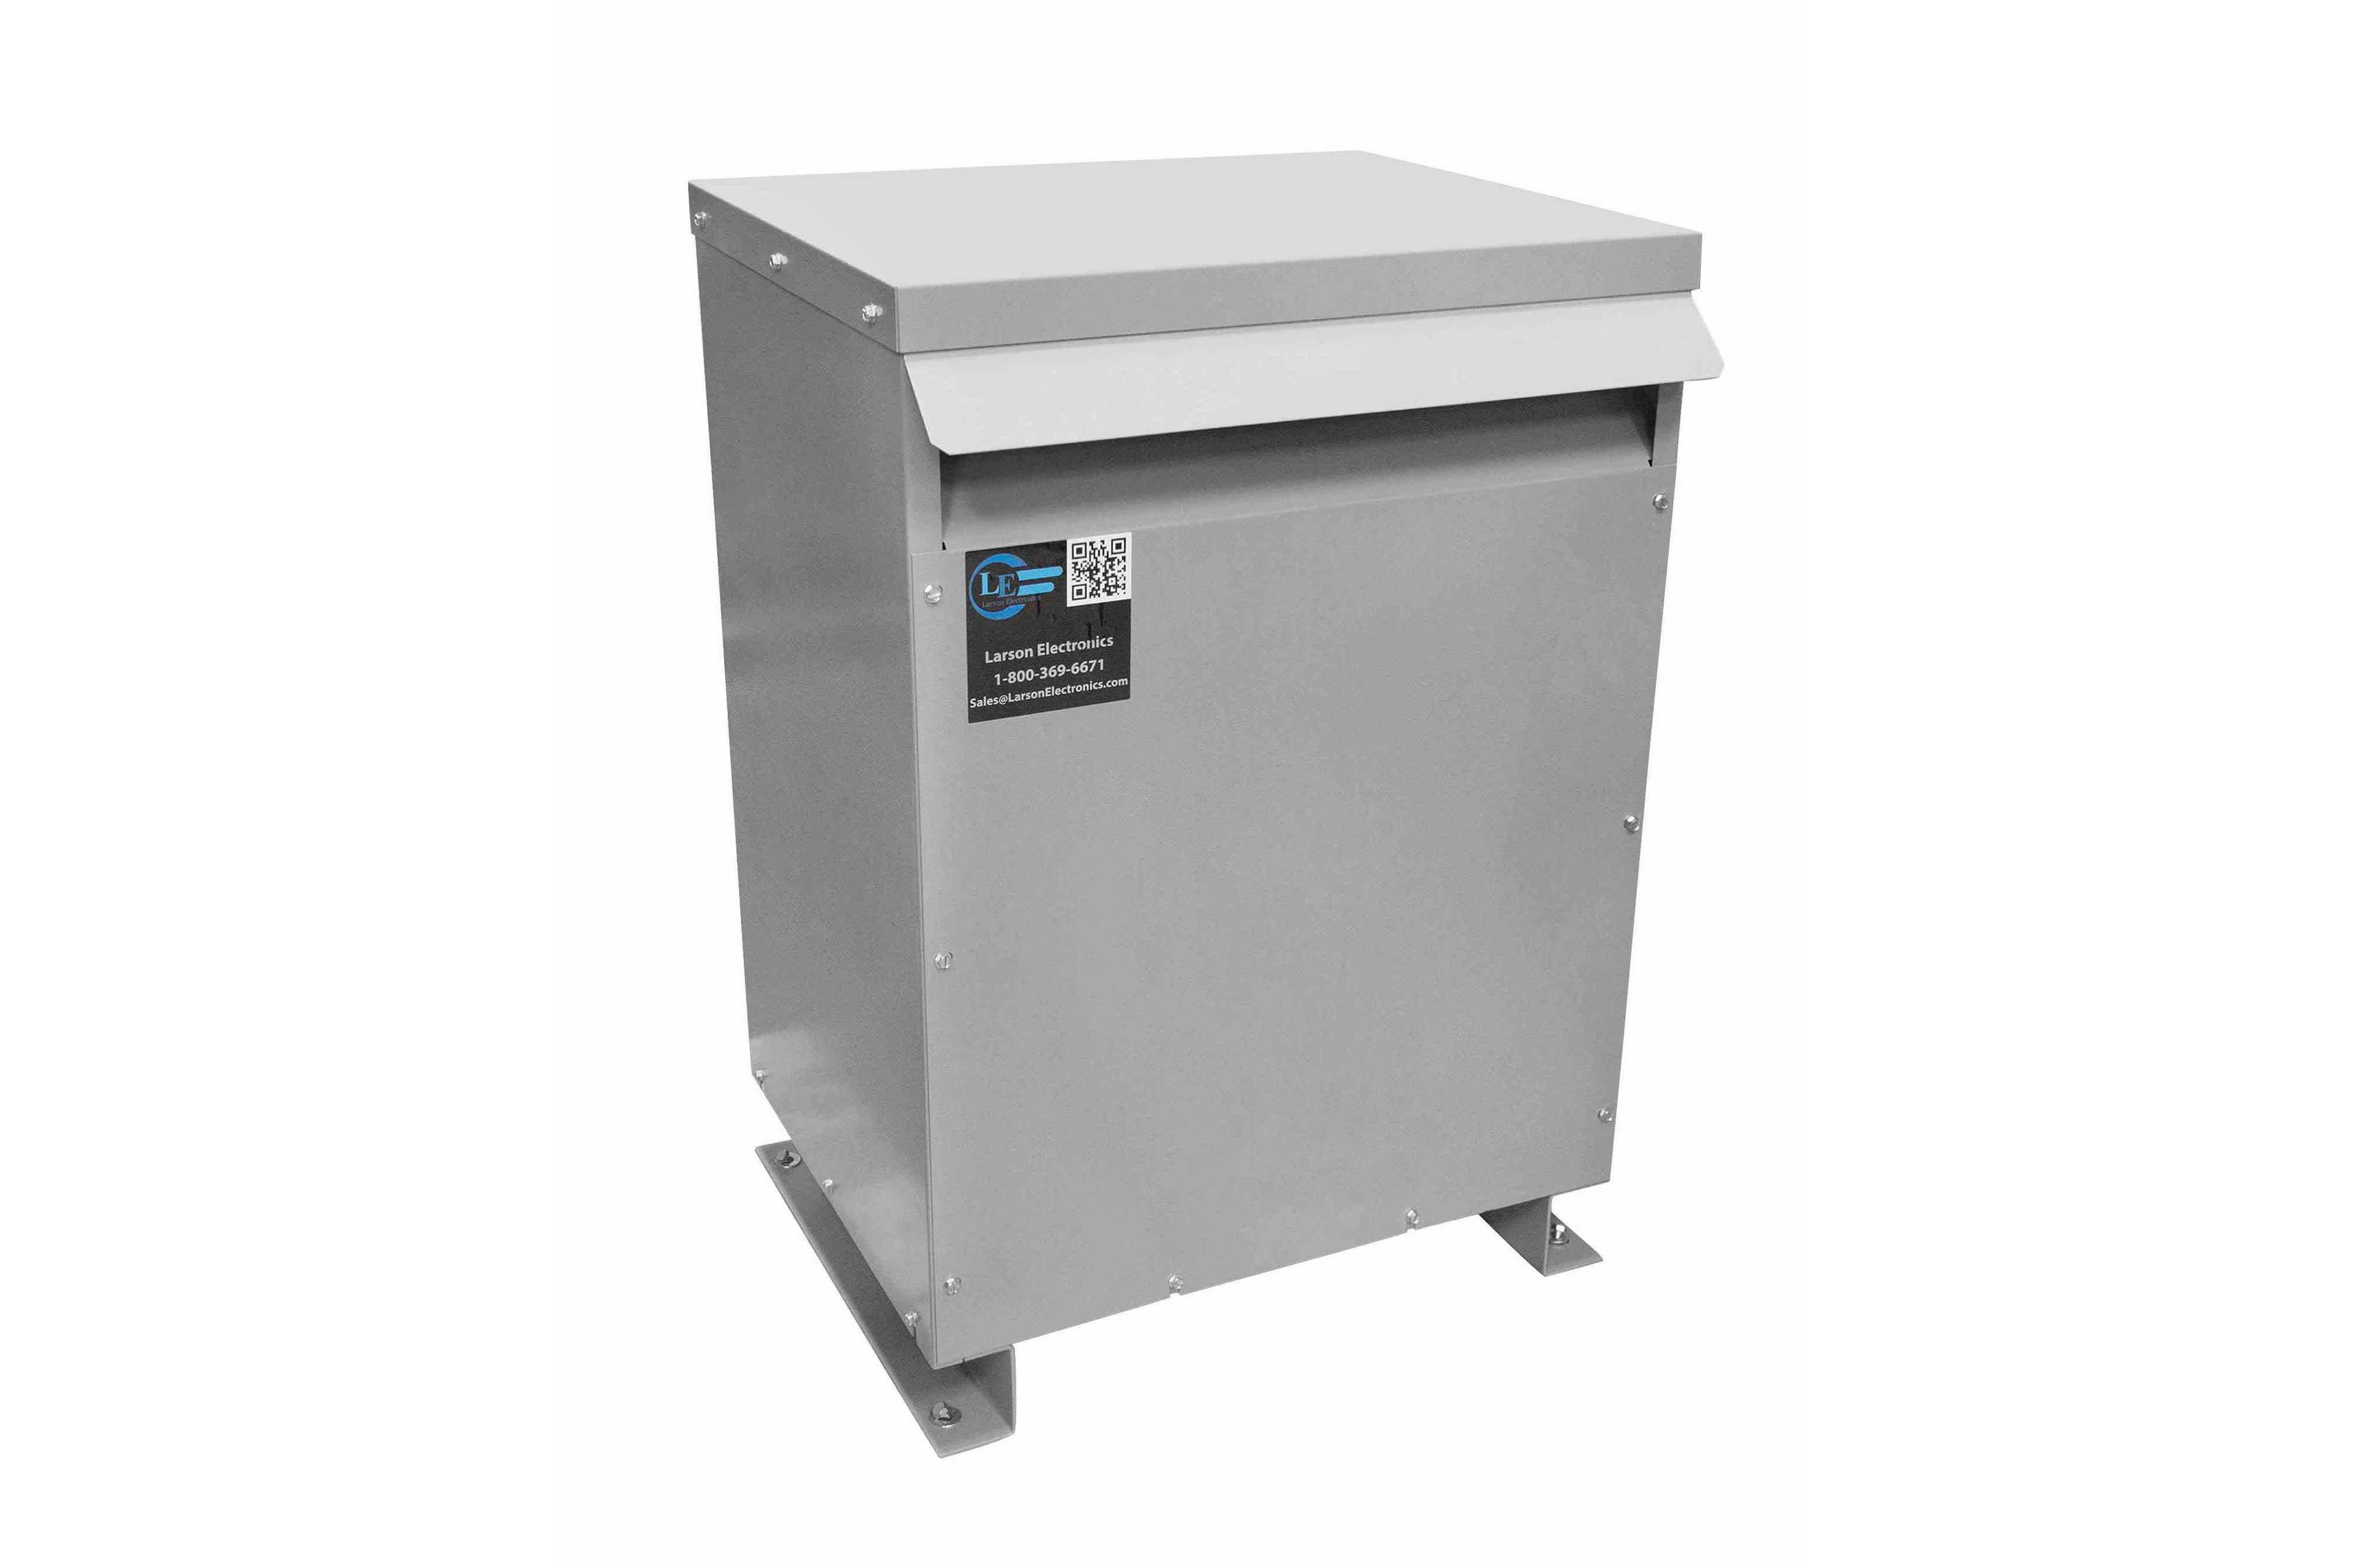 100 kVA 3PH Isolation Transformer, 400V Delta Primary, 240 Delta Secondary, N3R, Ventilated, 60 Hz